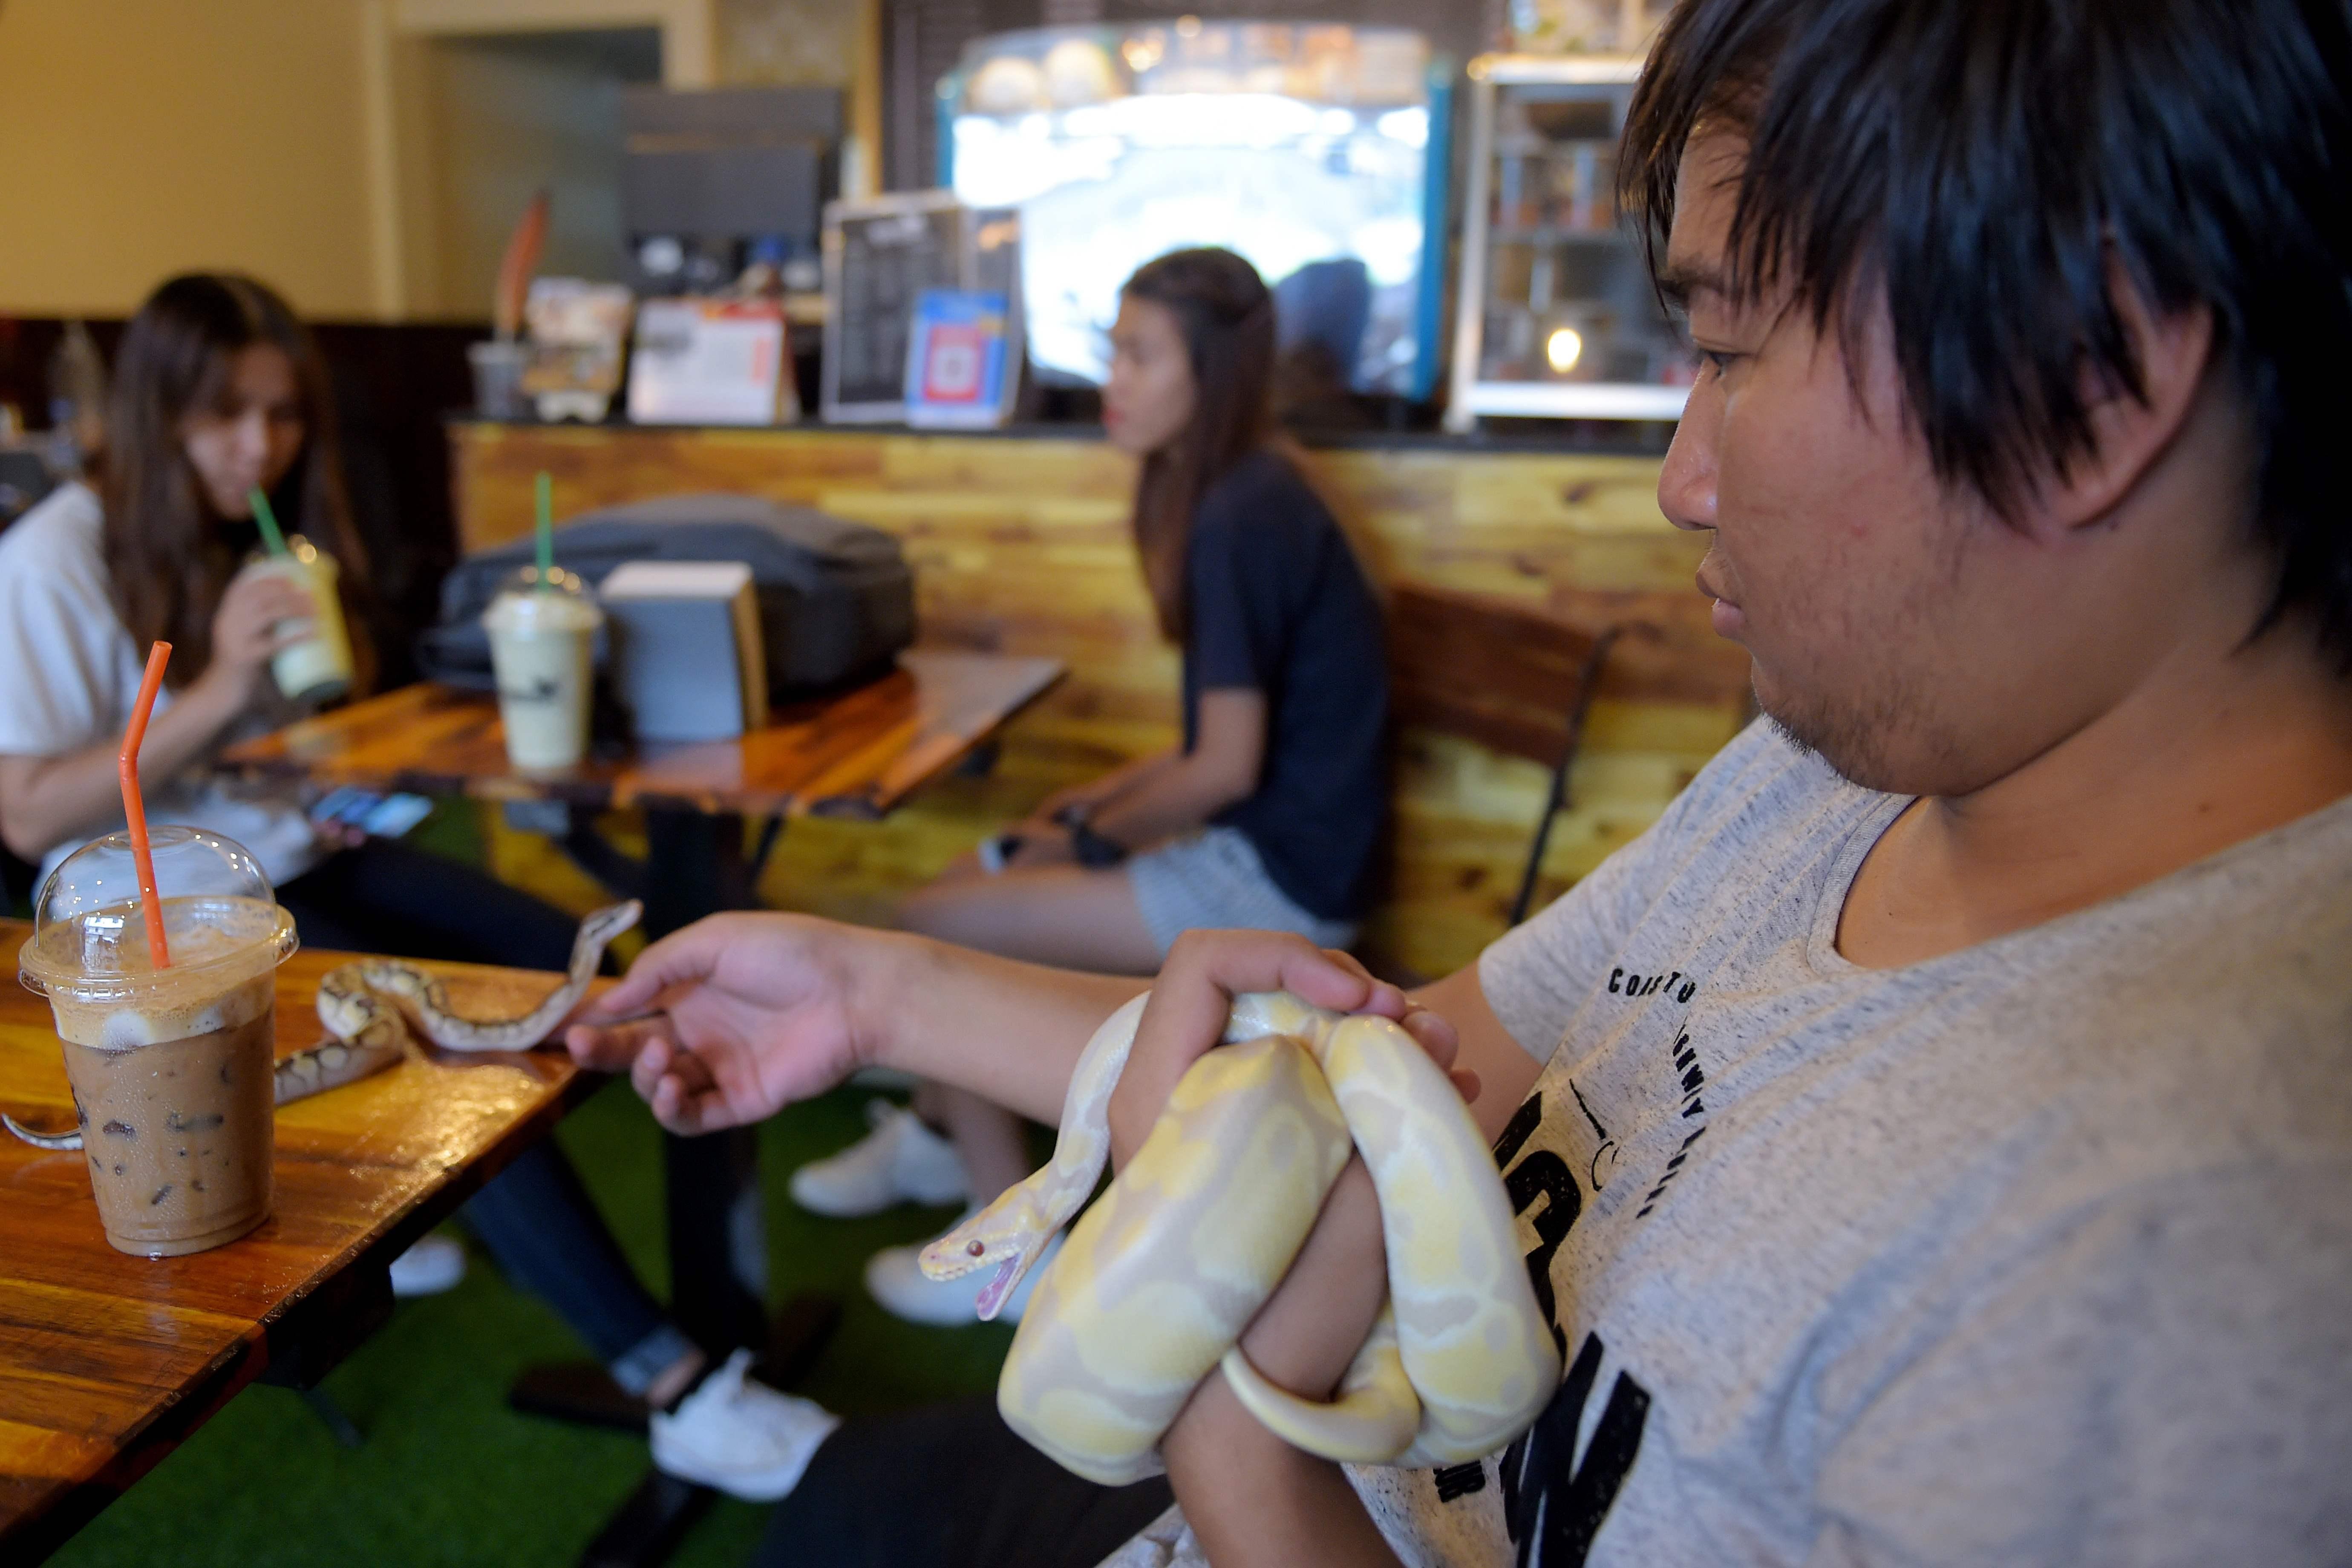 شاب يلعب مع الثعابين داخل المقهى